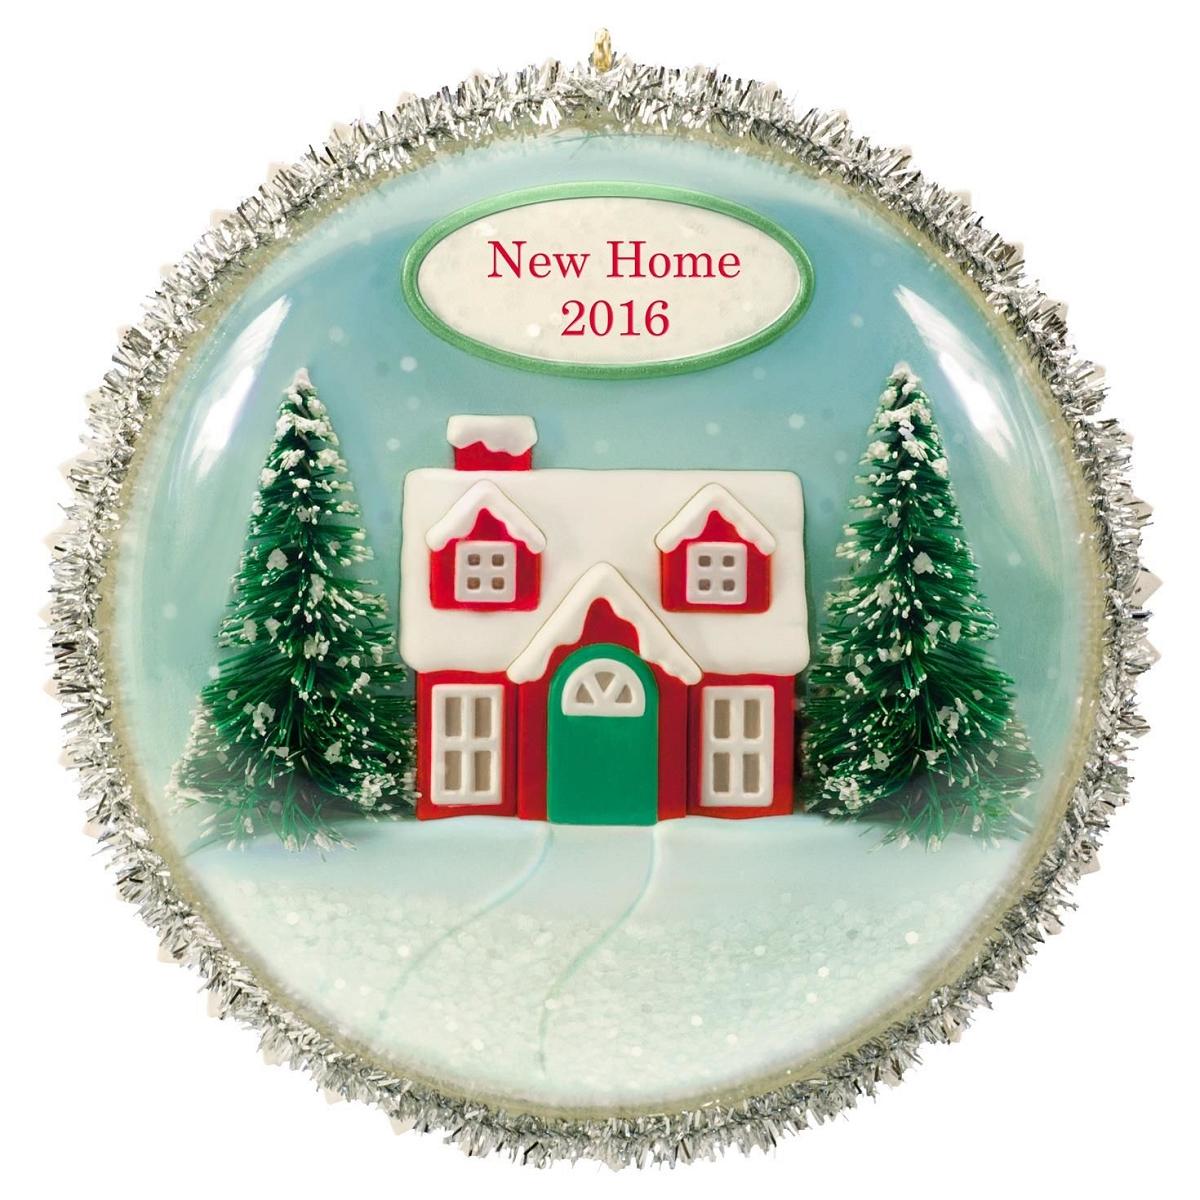 2016 New Home Hallmark Keepsake Ornament Hooked On